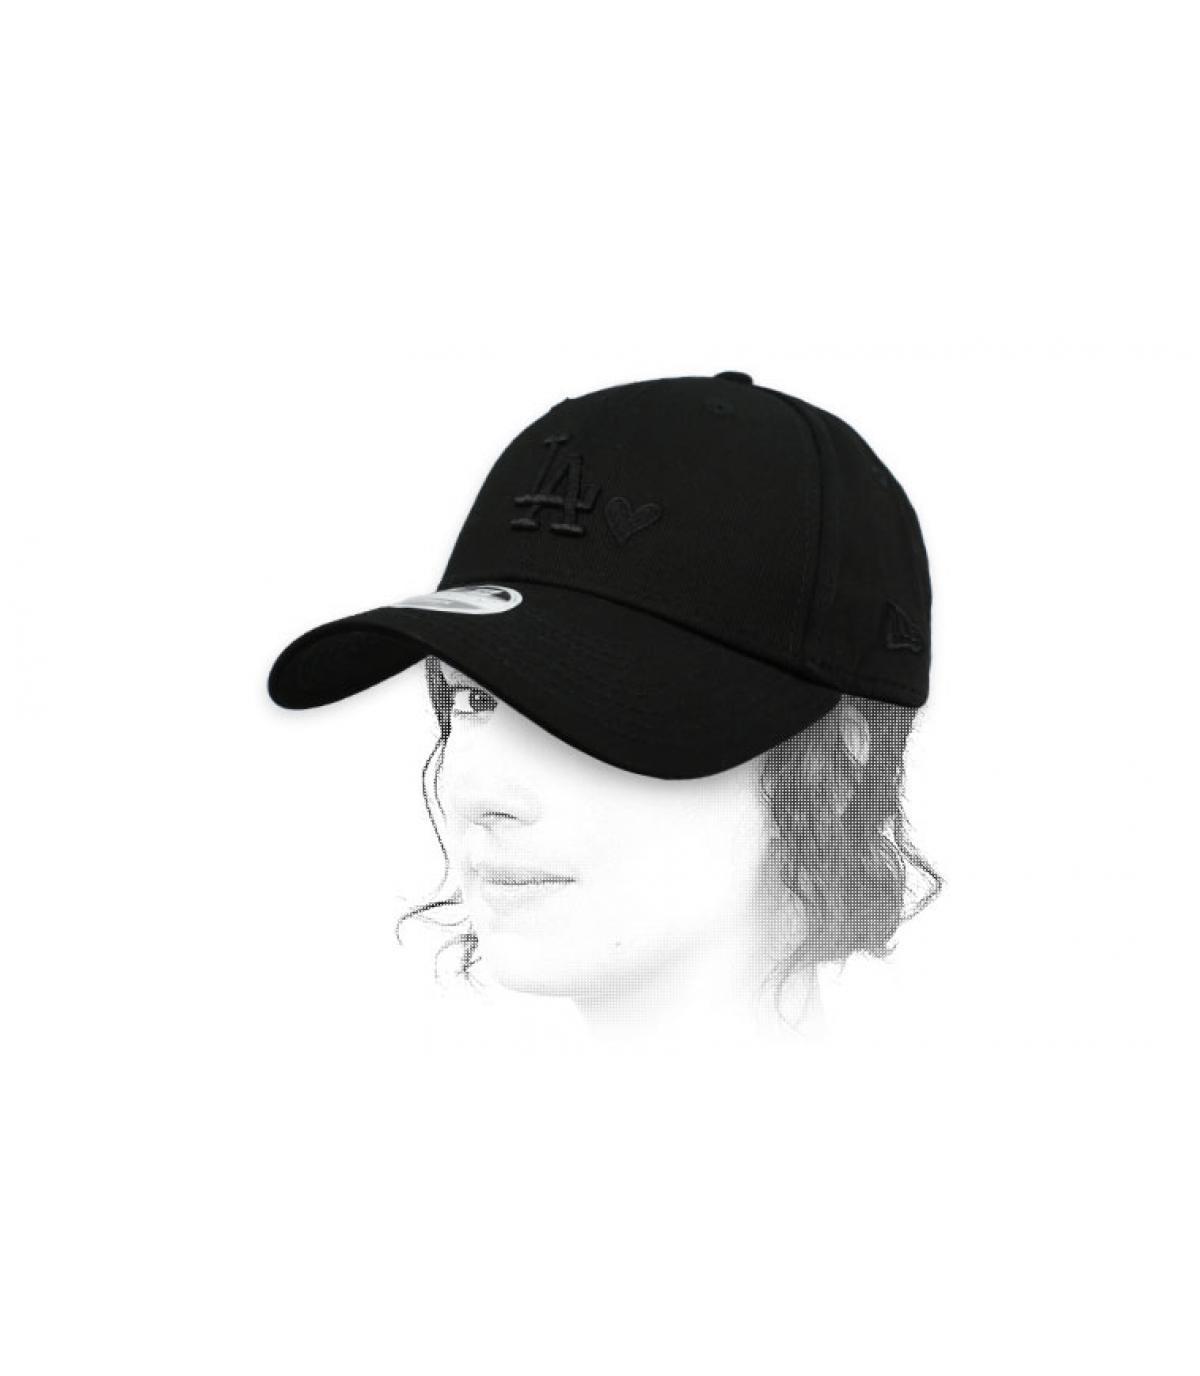 berretto donna cuore nero